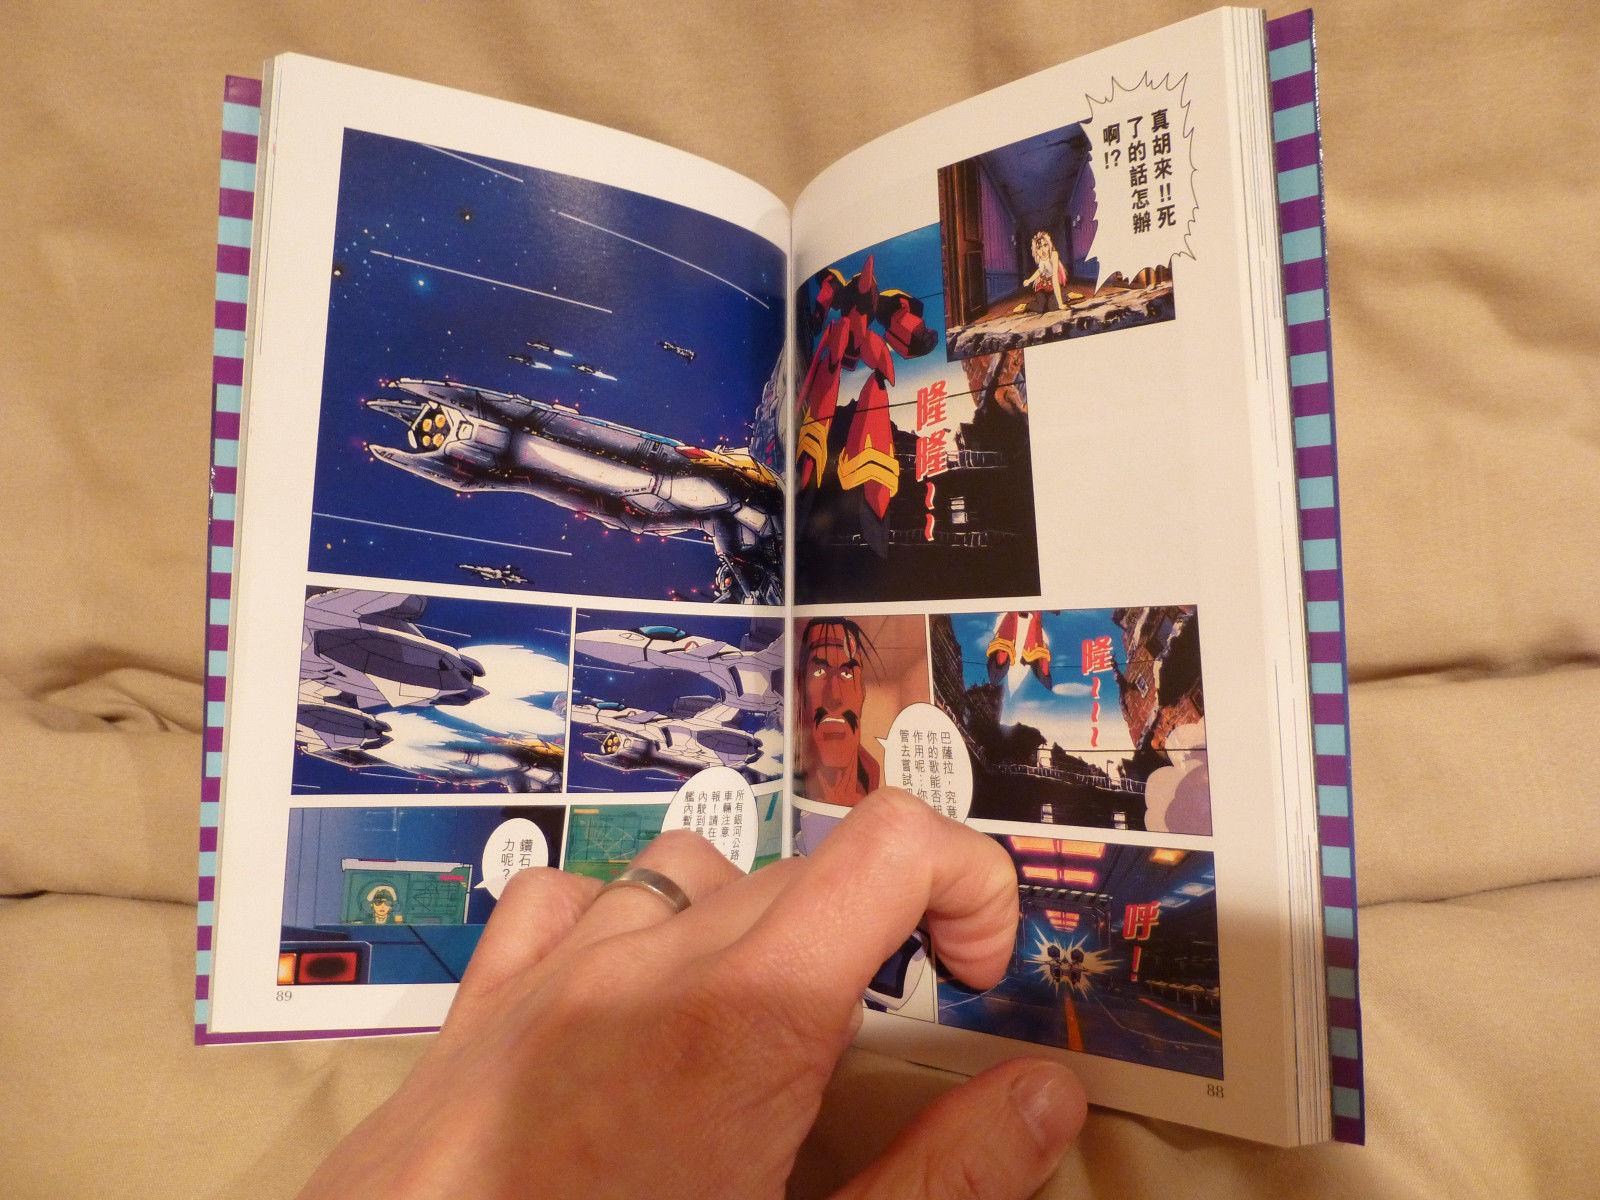 gallery_12176_640_154679.jpg